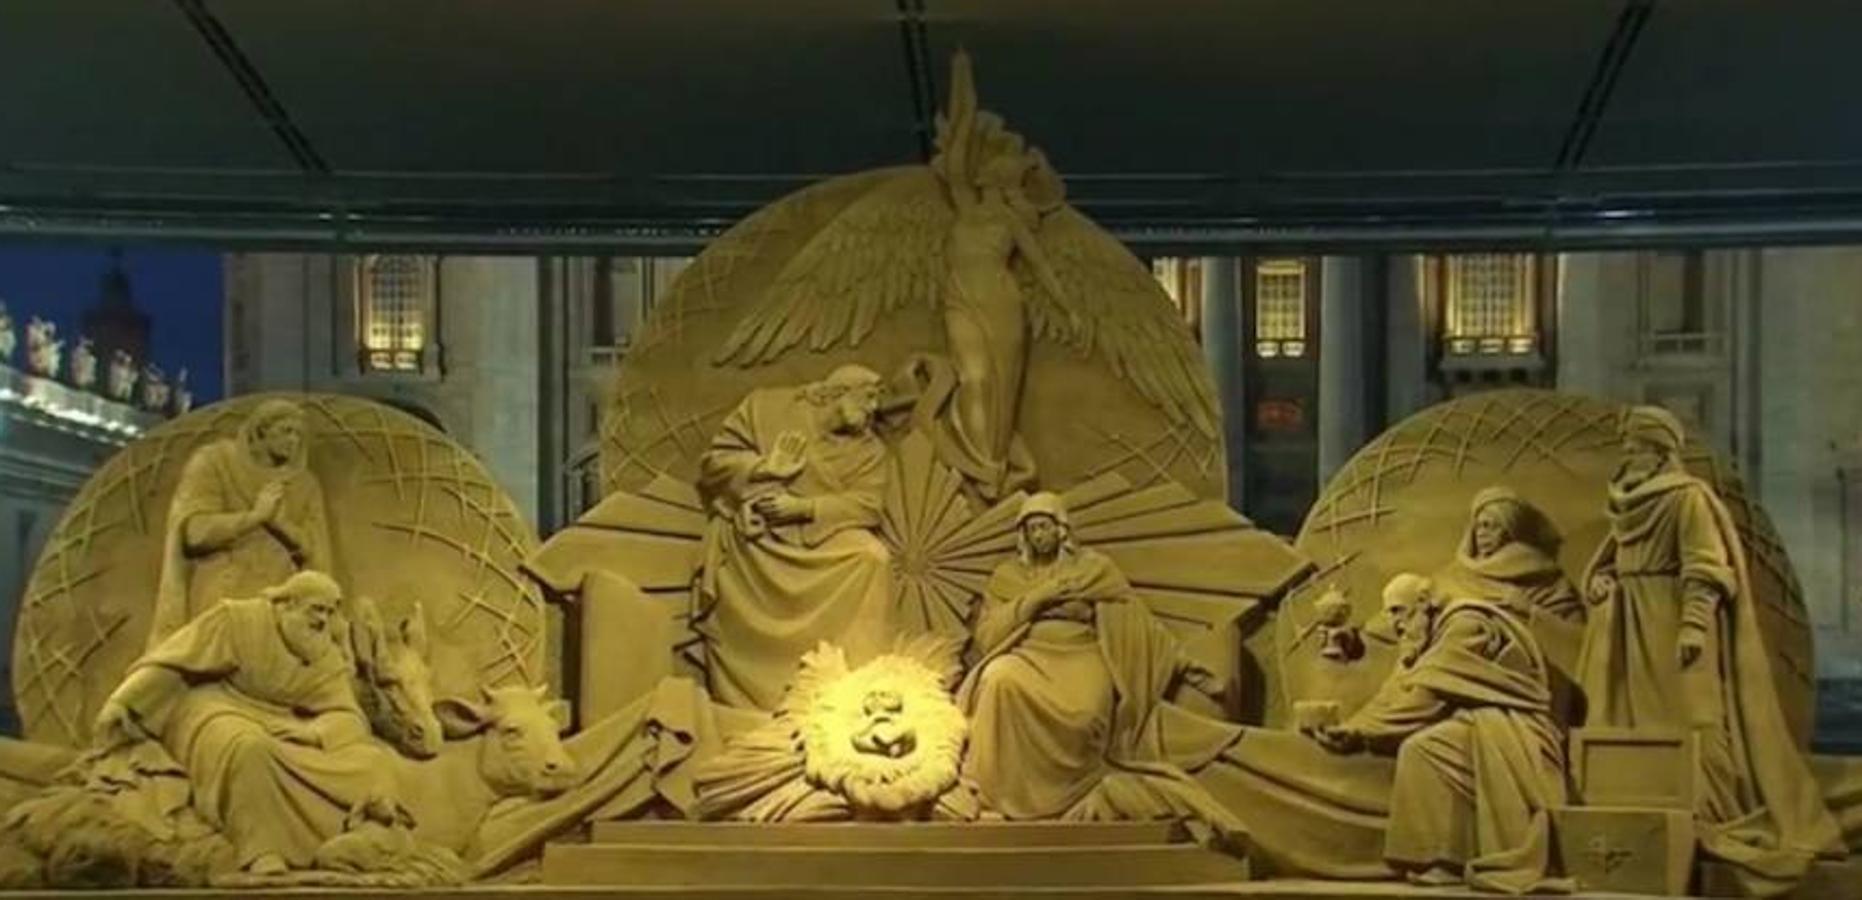 Un monumental nacimiento hecho este año con arena de playa y el árbol de Navidad instalados en la Plaza de San Pedro del Vaticano quedaron hoy inaugurados